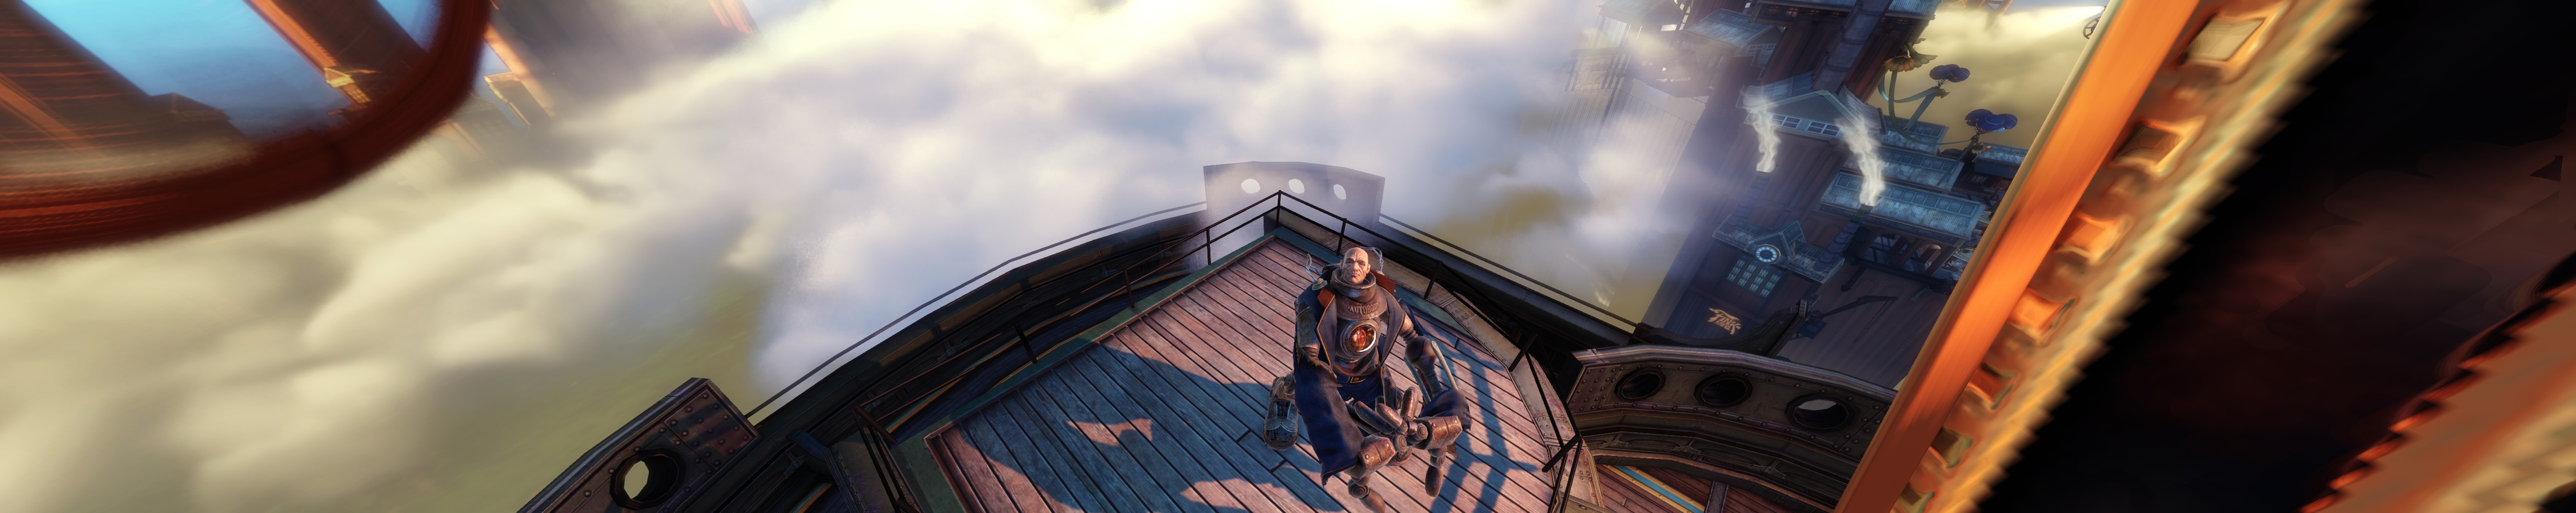 Bioshock_Infinite_2013-04-21_00067